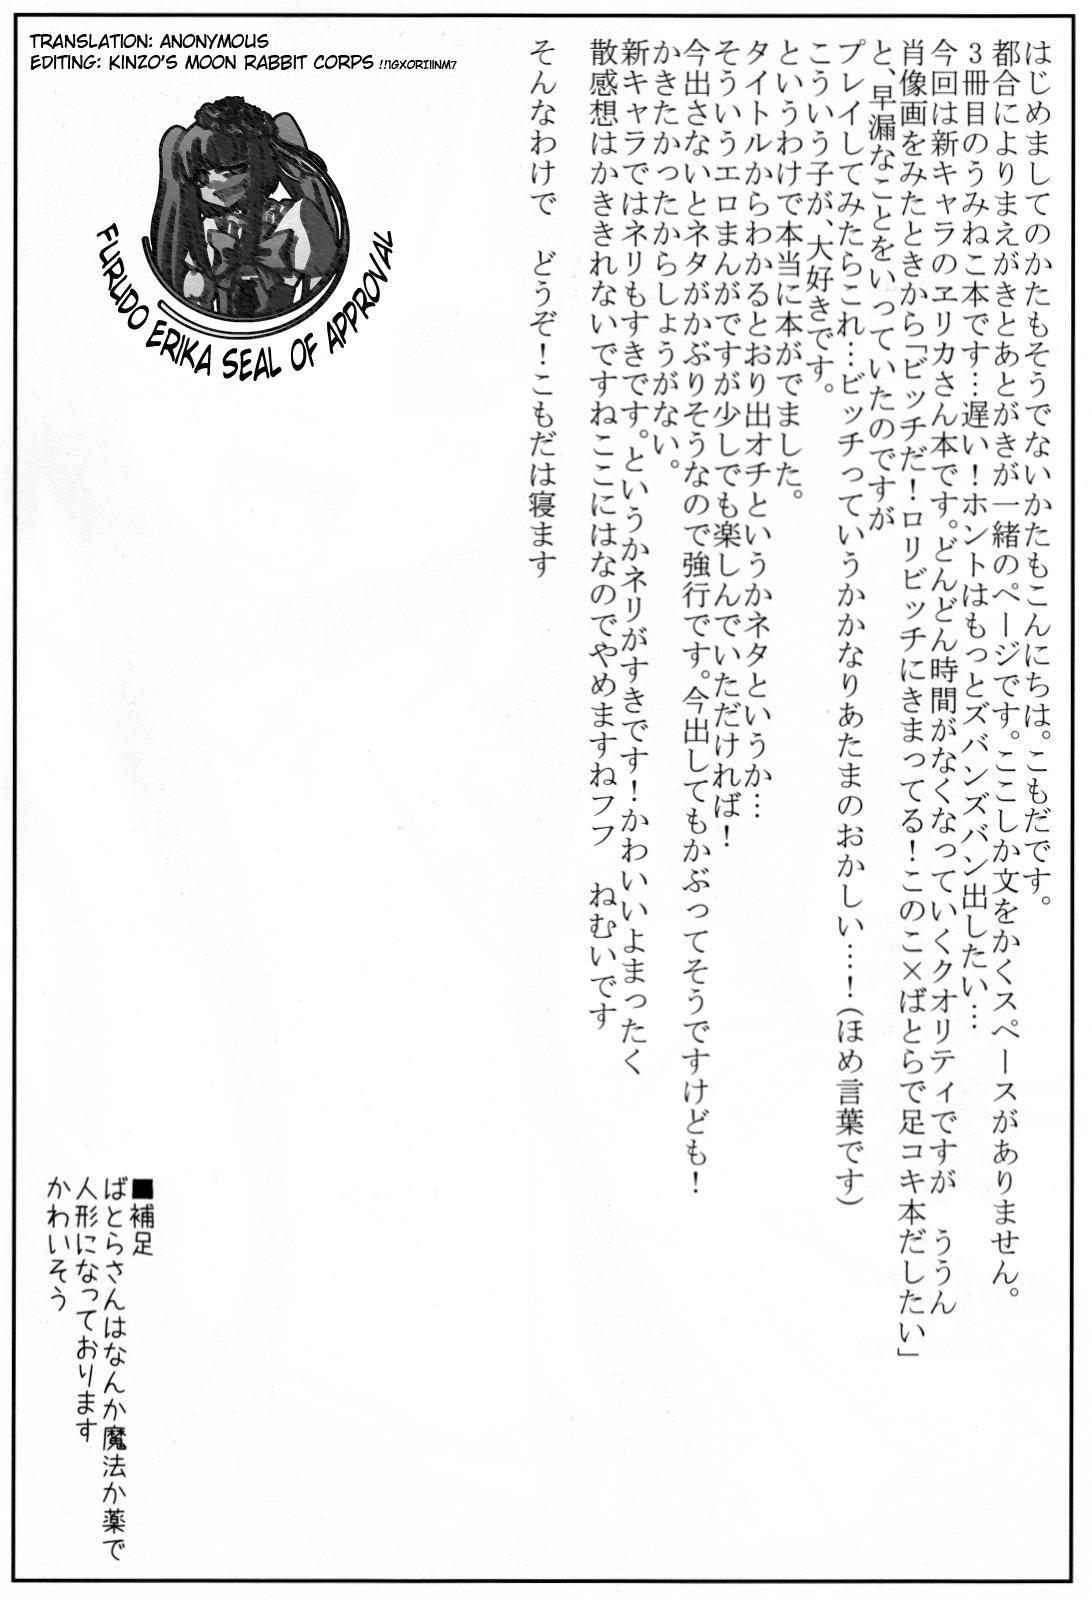 Furudo Erika Wa Kono Teido No Kaikan De Zecchou Ga Kanou Desu | For Furudo Erika at this level of pleasure climaxing is possible 2